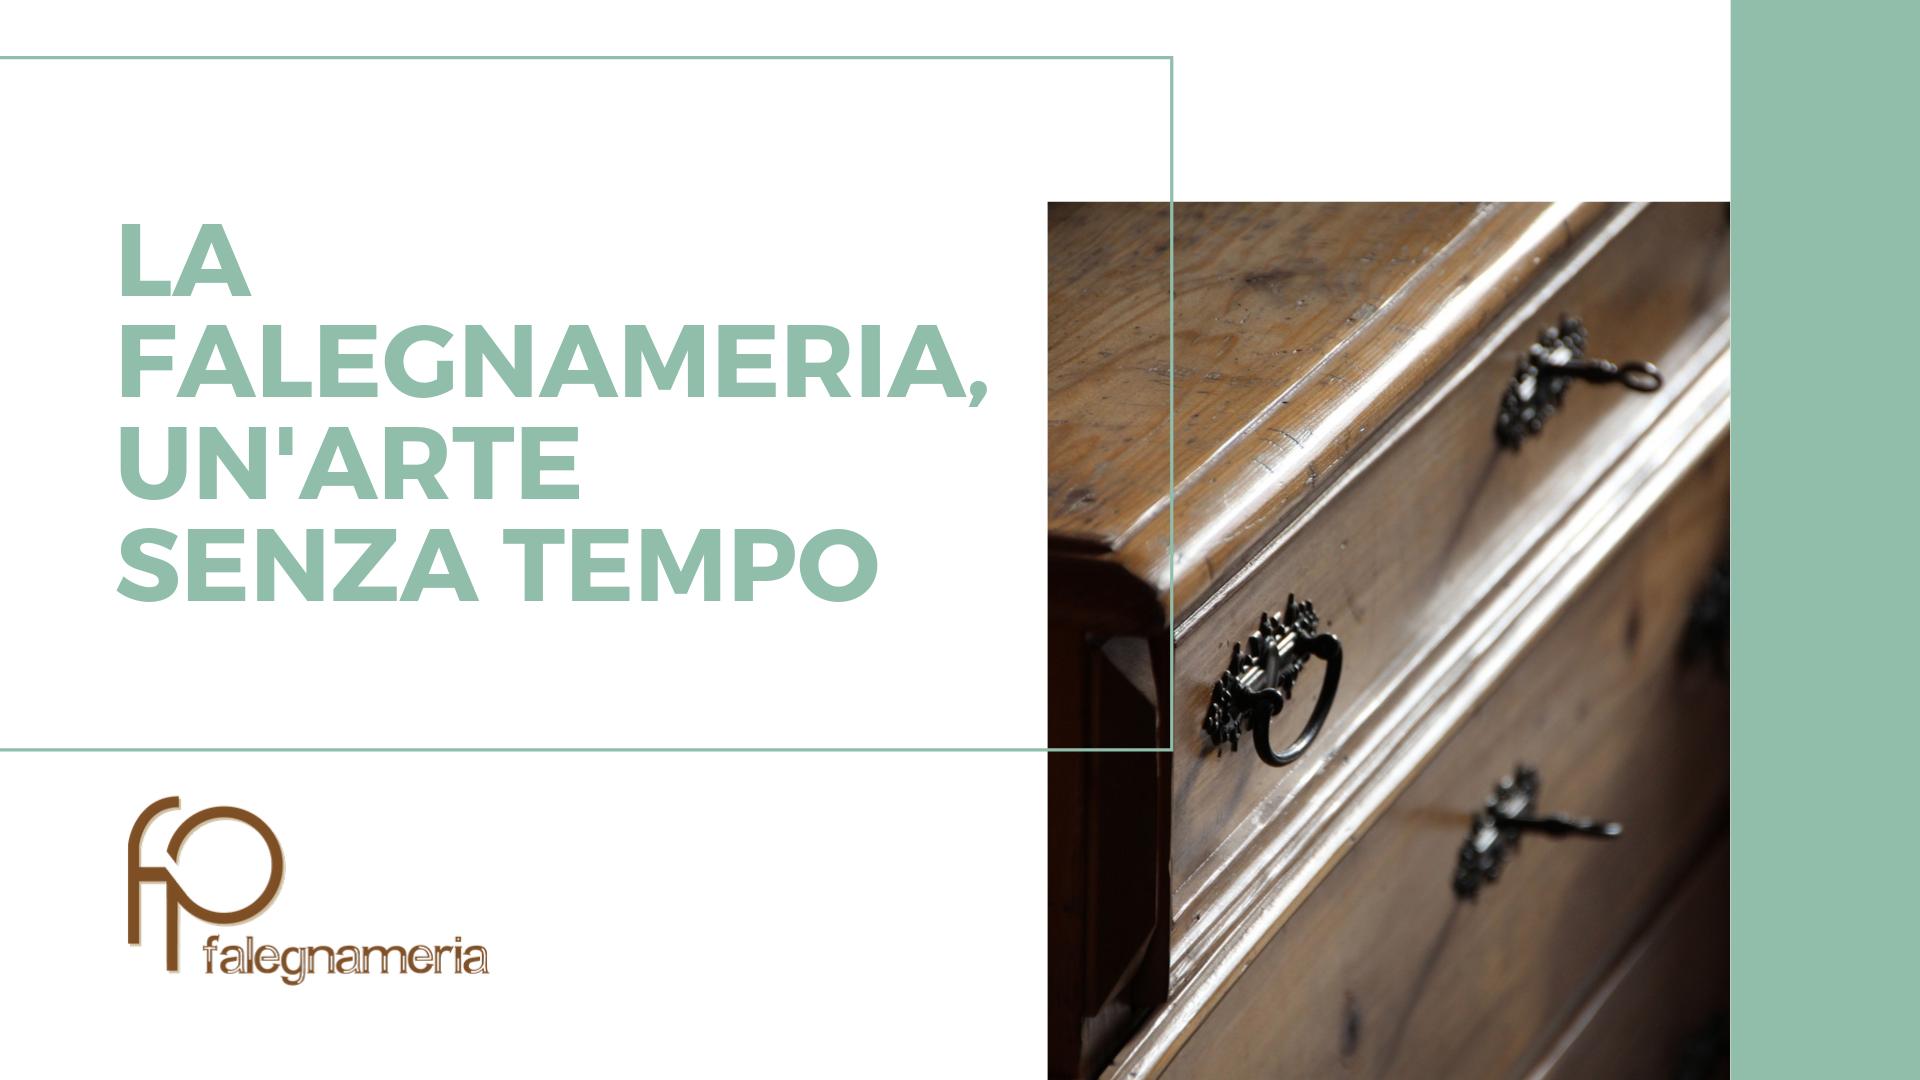 LA FALEGNAMERIA, UN'ARTE SENZA TEMPO